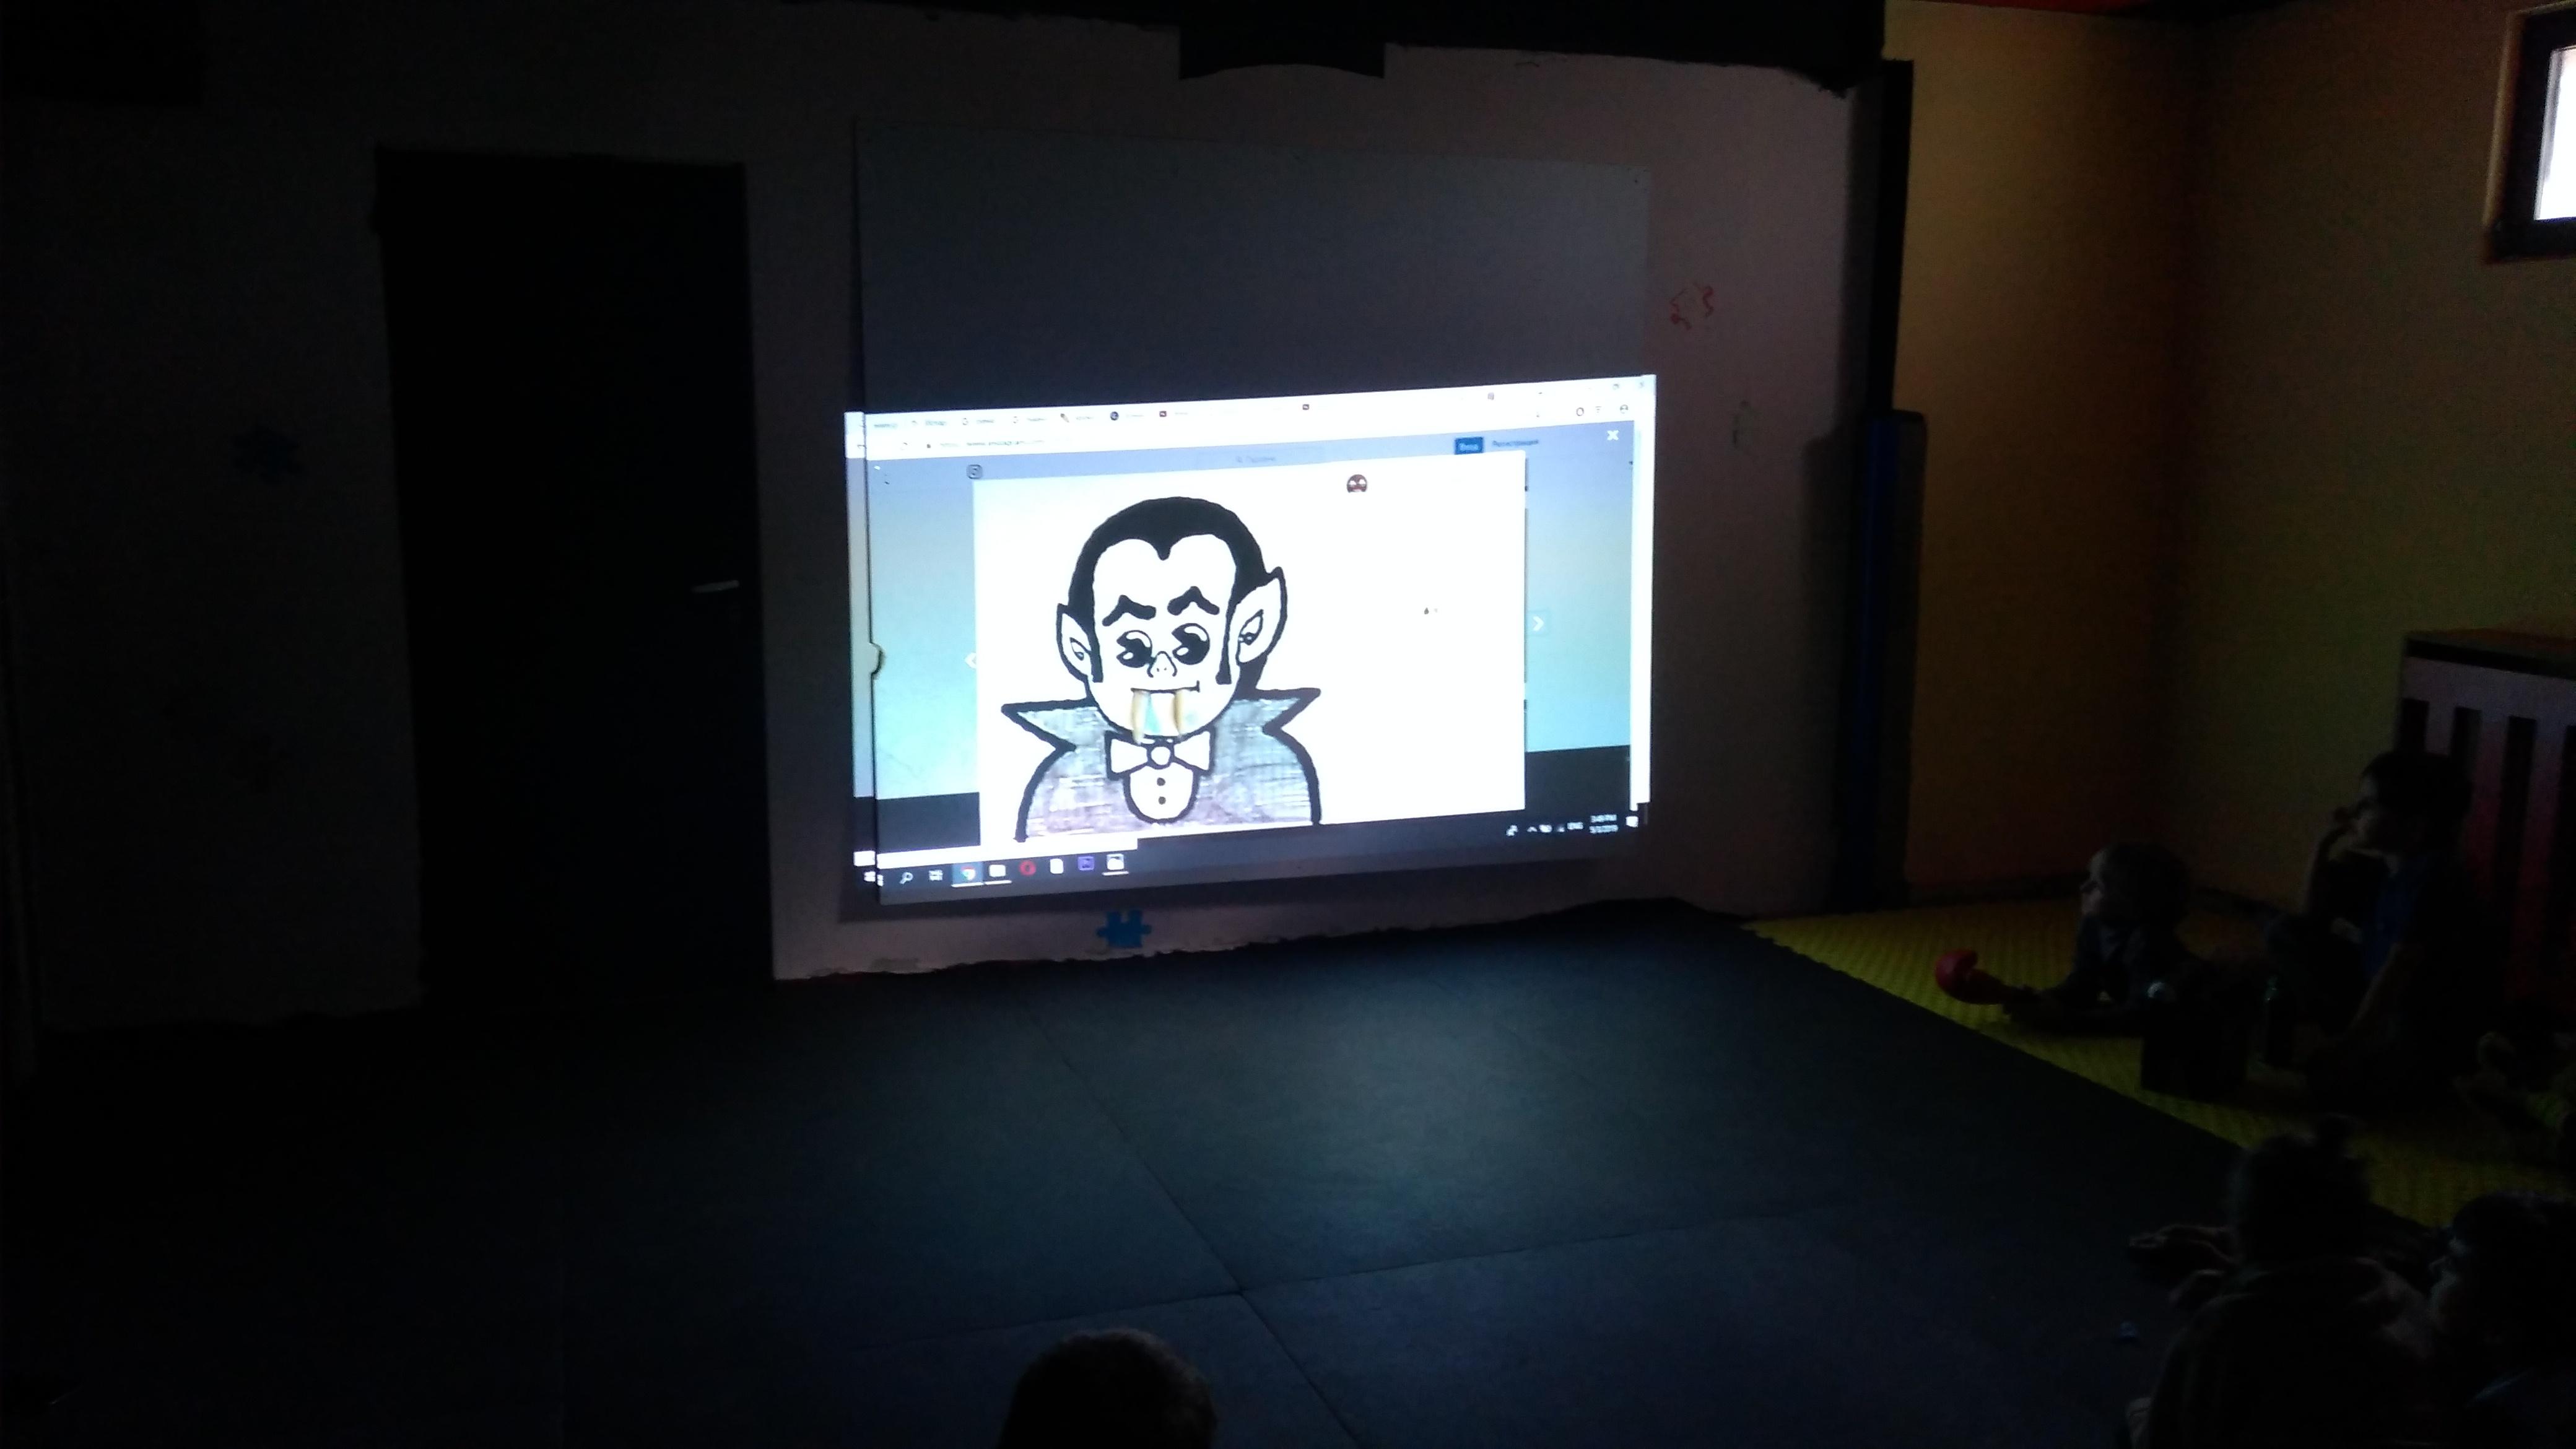 Алекси се забвалява като прави кратки филмчета с подръчни материали.